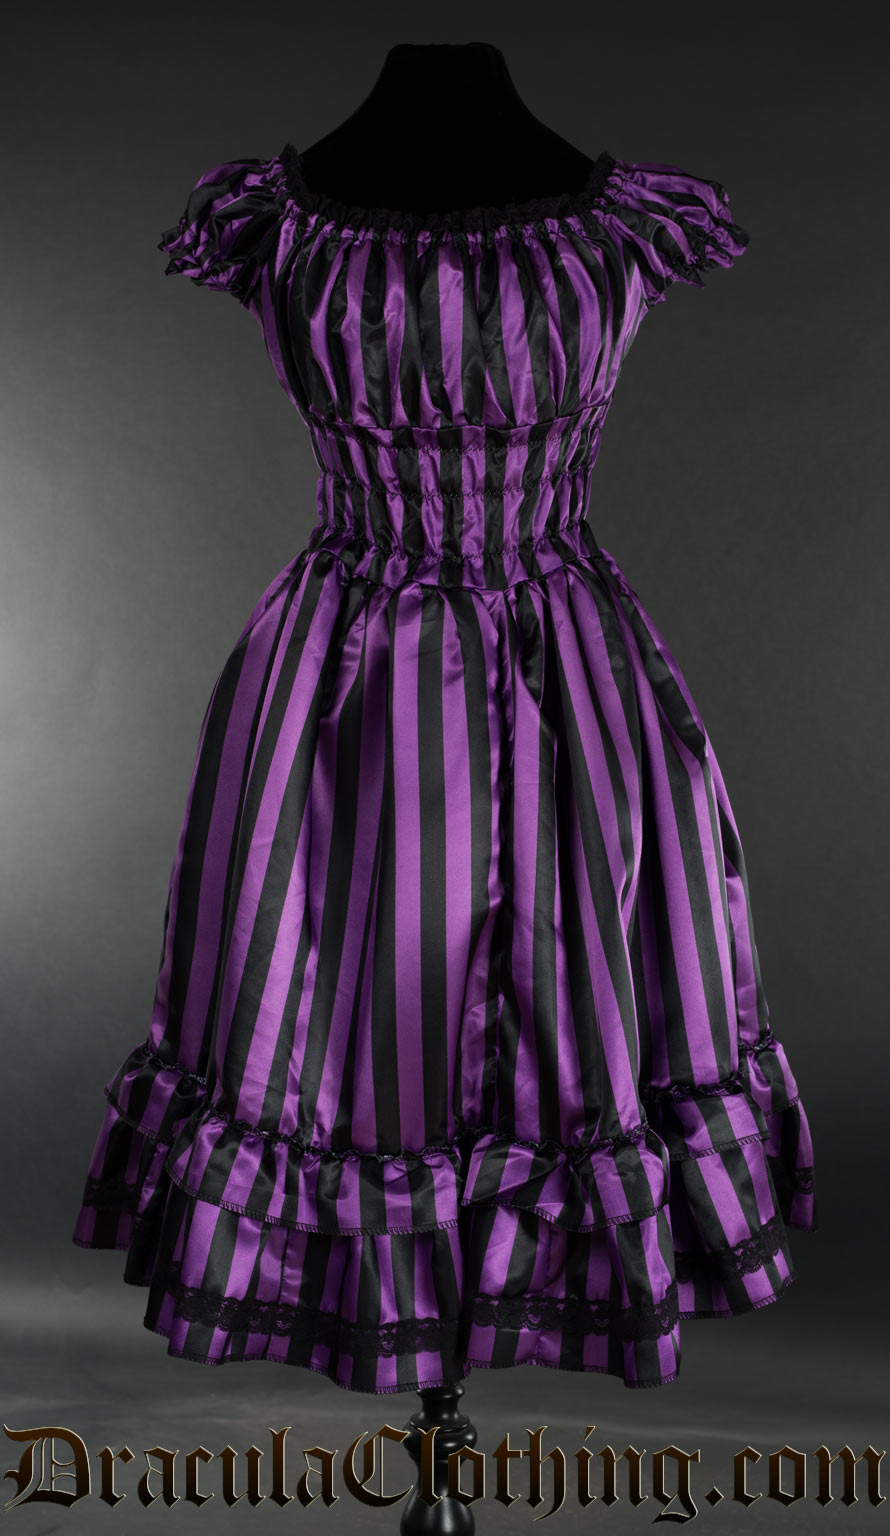 Purple Striped Satin Gothabilly Dress